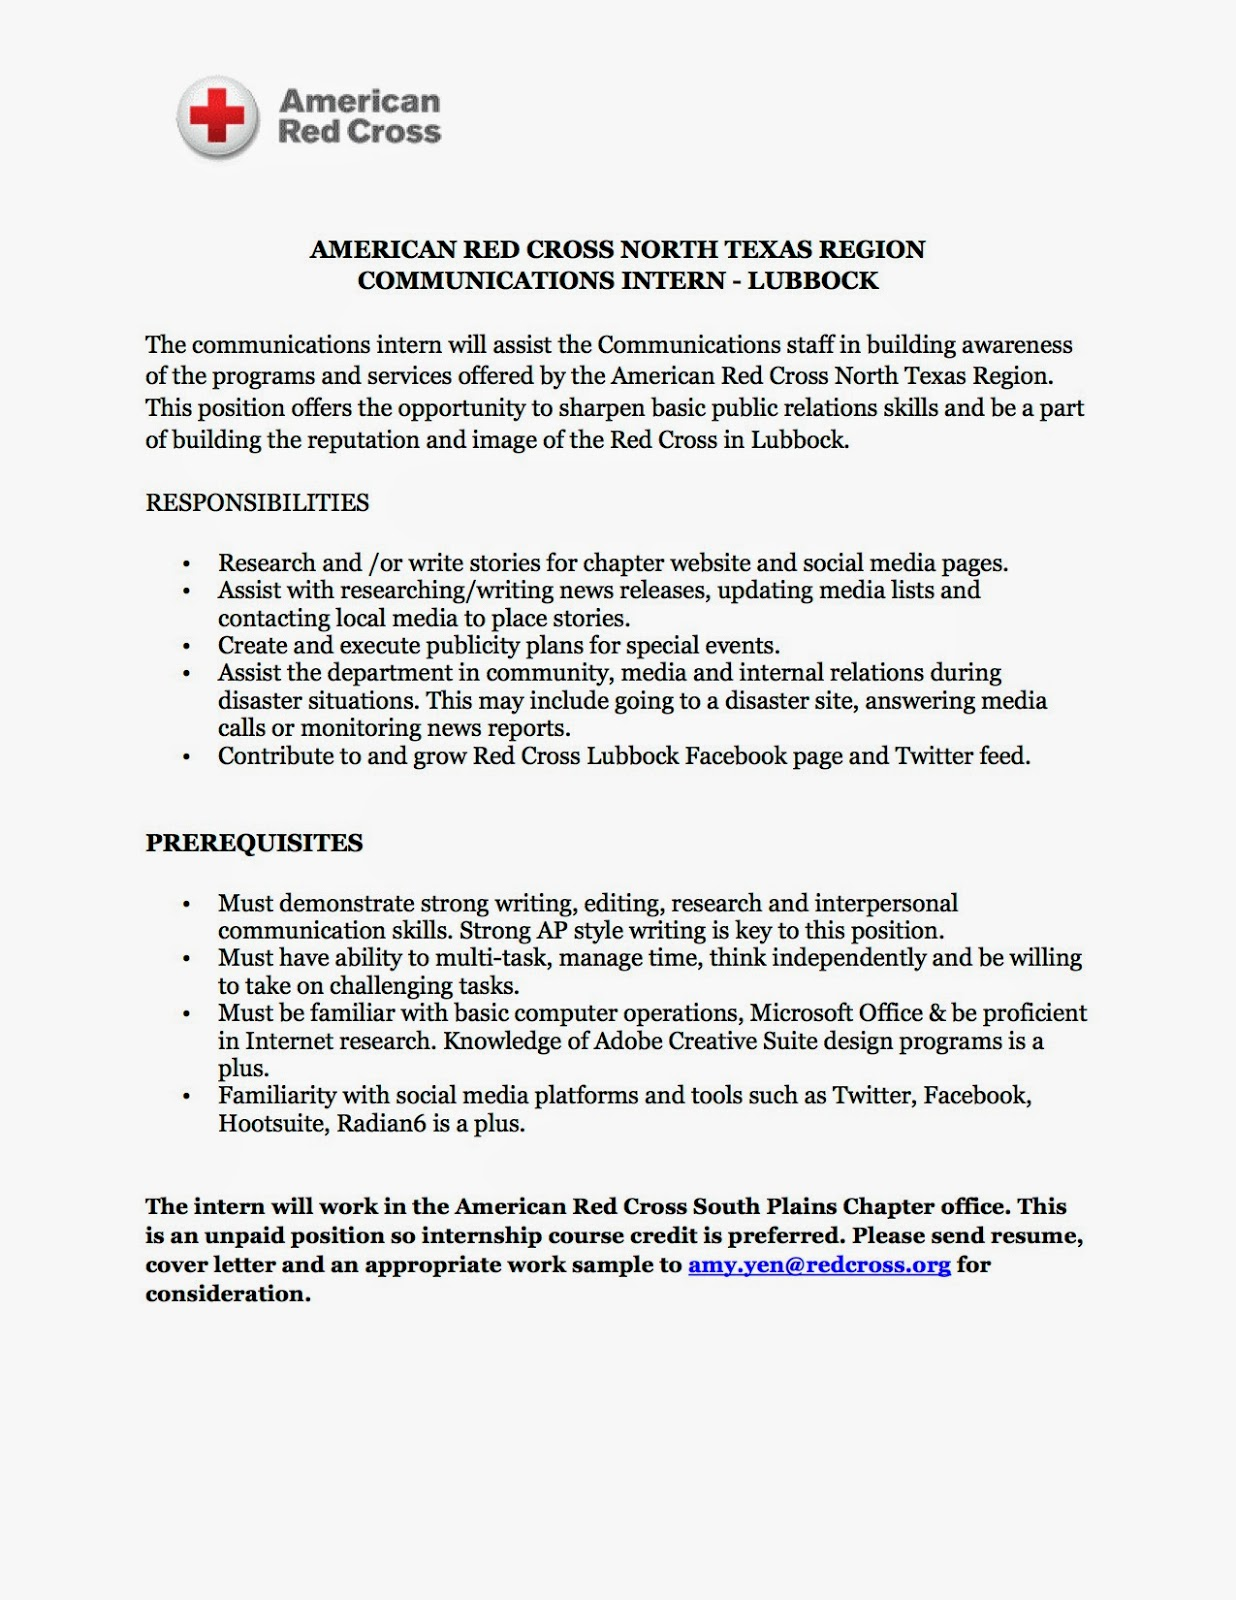 sample red cross resume